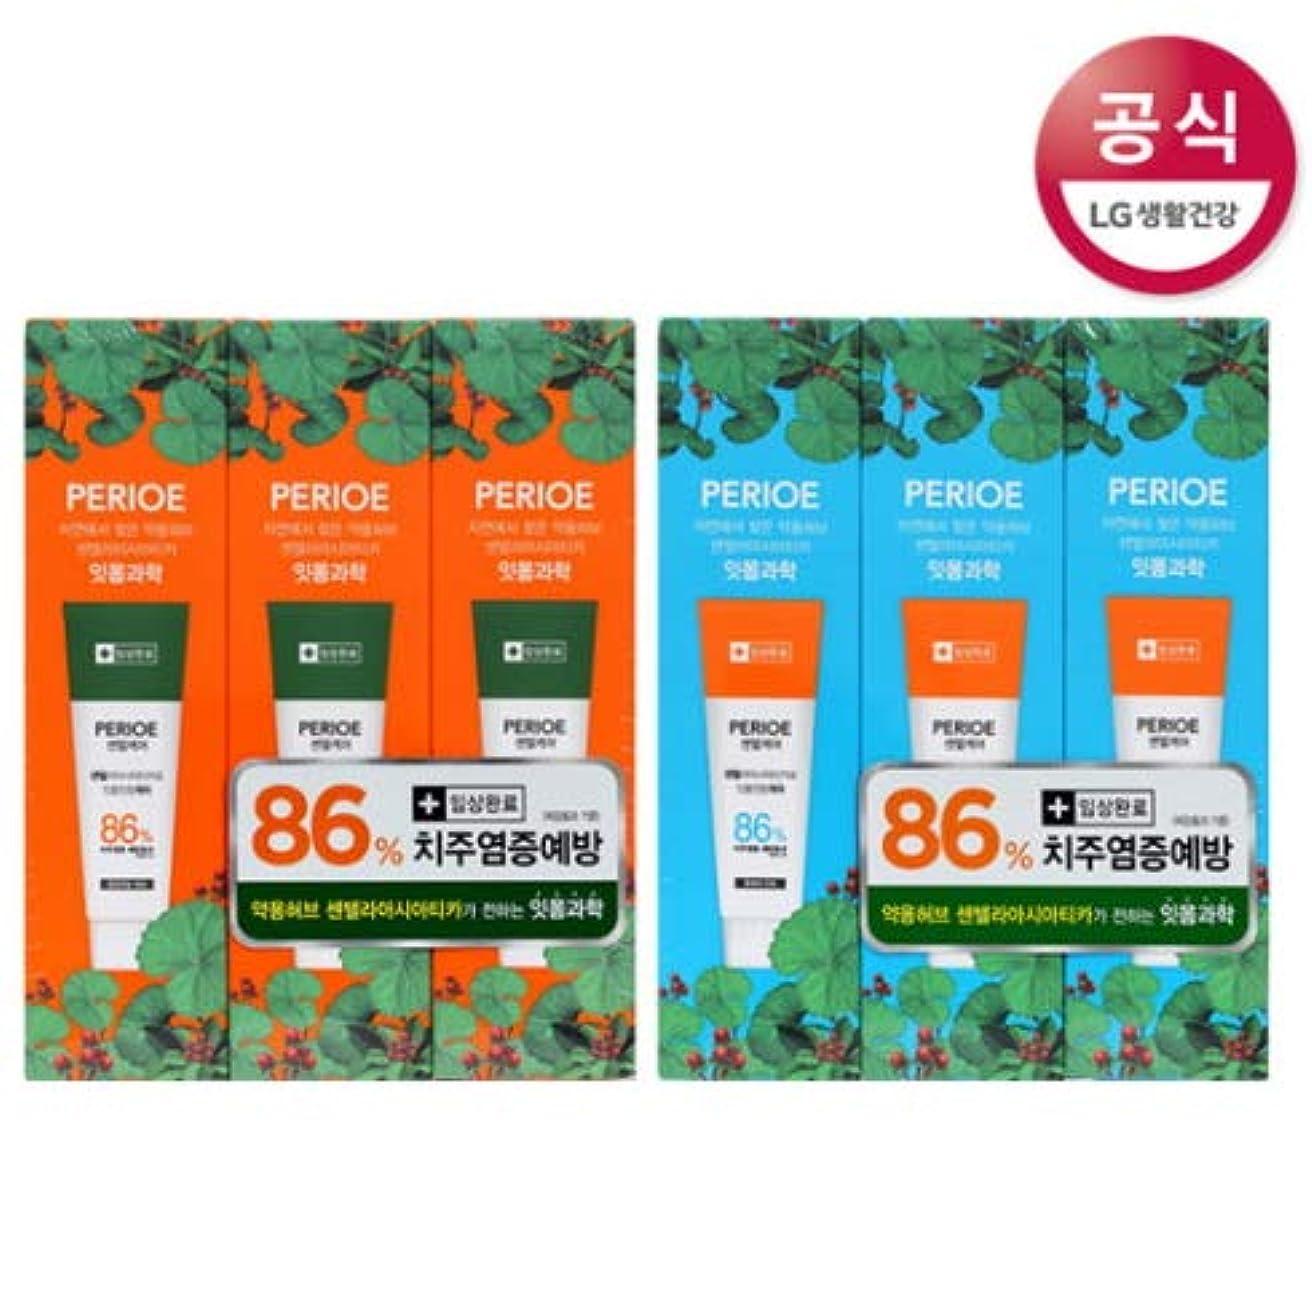 戸惑う正気厚い[LG HnB] Perio centel care toothpaste/ペリオセンテルケア歯磨き粉 100gx6個(海外直送品)